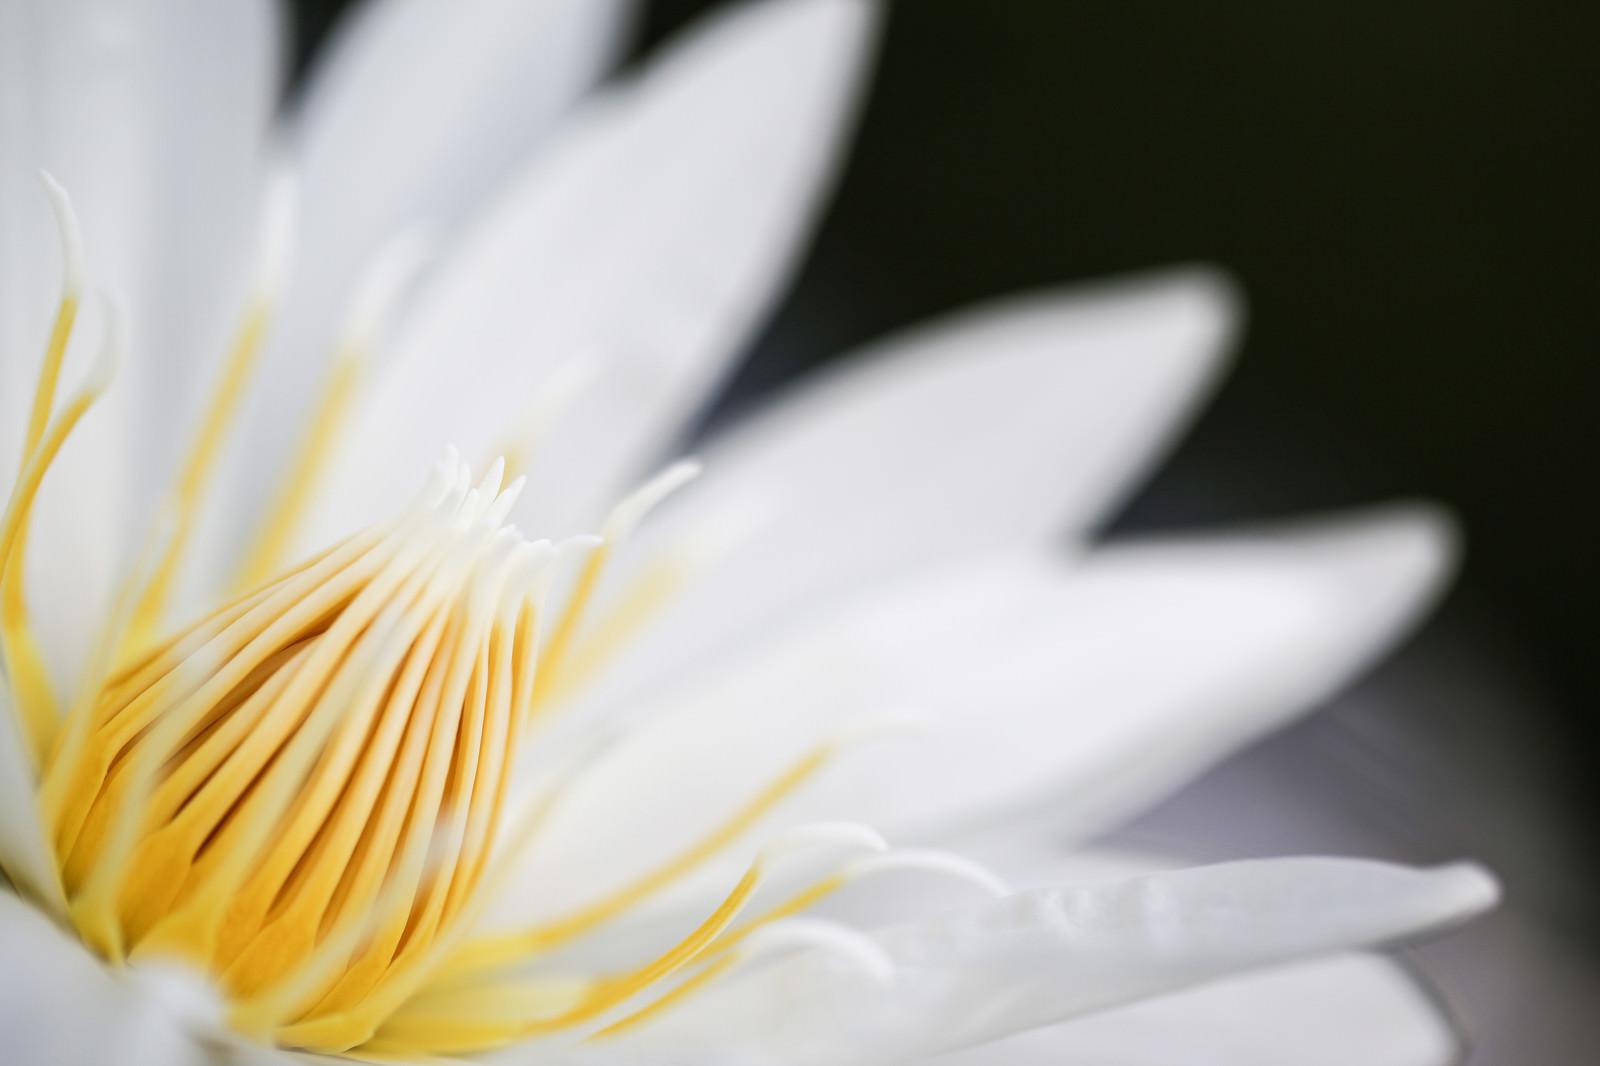 「白い睡蓮の雄しべ」の写真